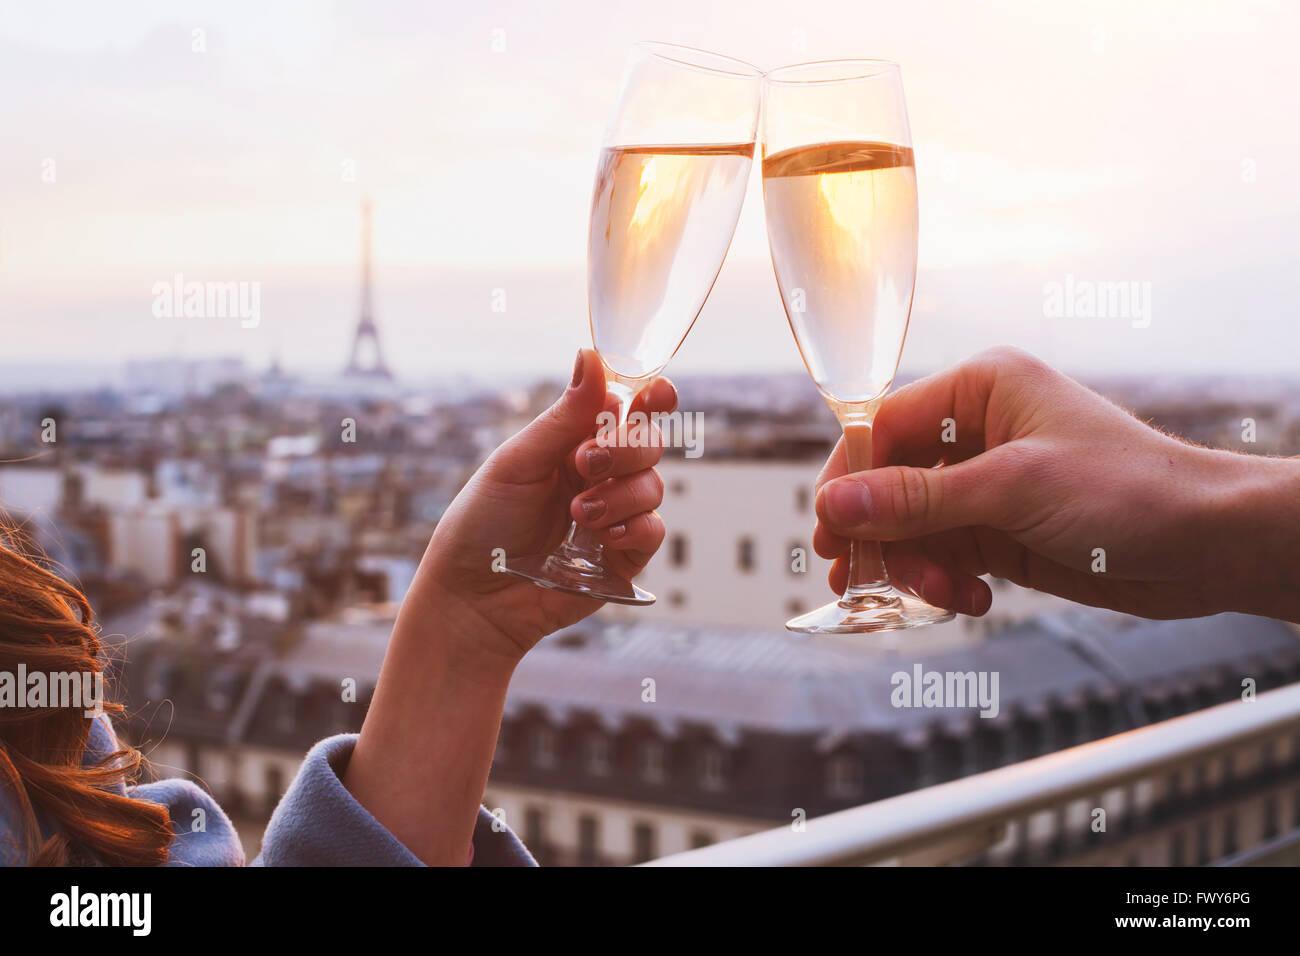 Deux verres de champagne ou de vin, en couple à Paris, célébration de l'engagement romantique Photo Stock